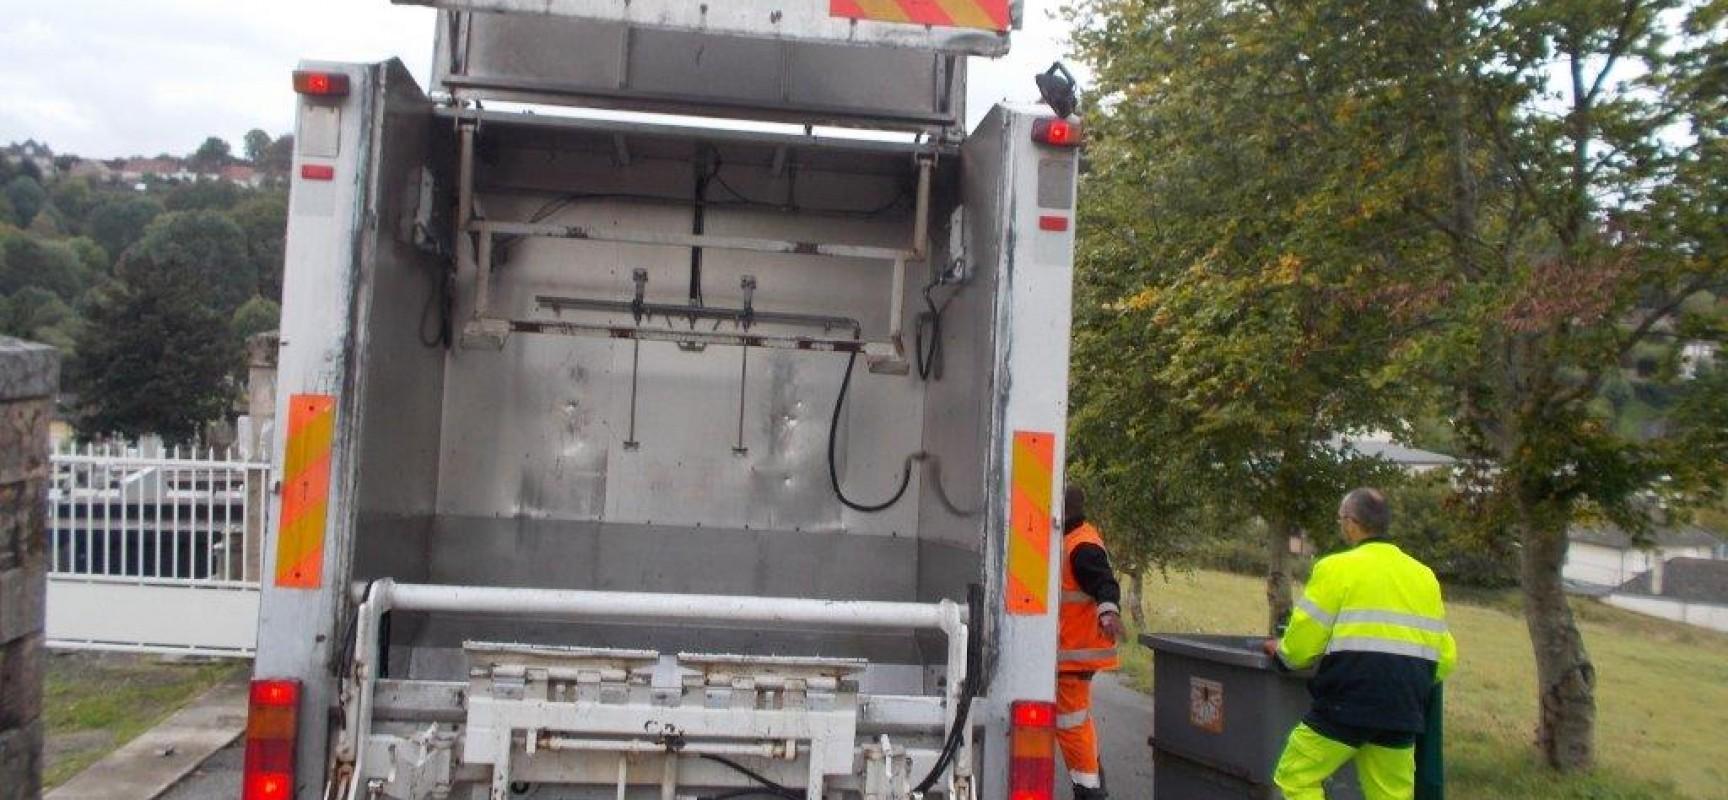 Nettoyage des containers poubelles en cours creuse grand sud - Desinfecter machine a laver ...